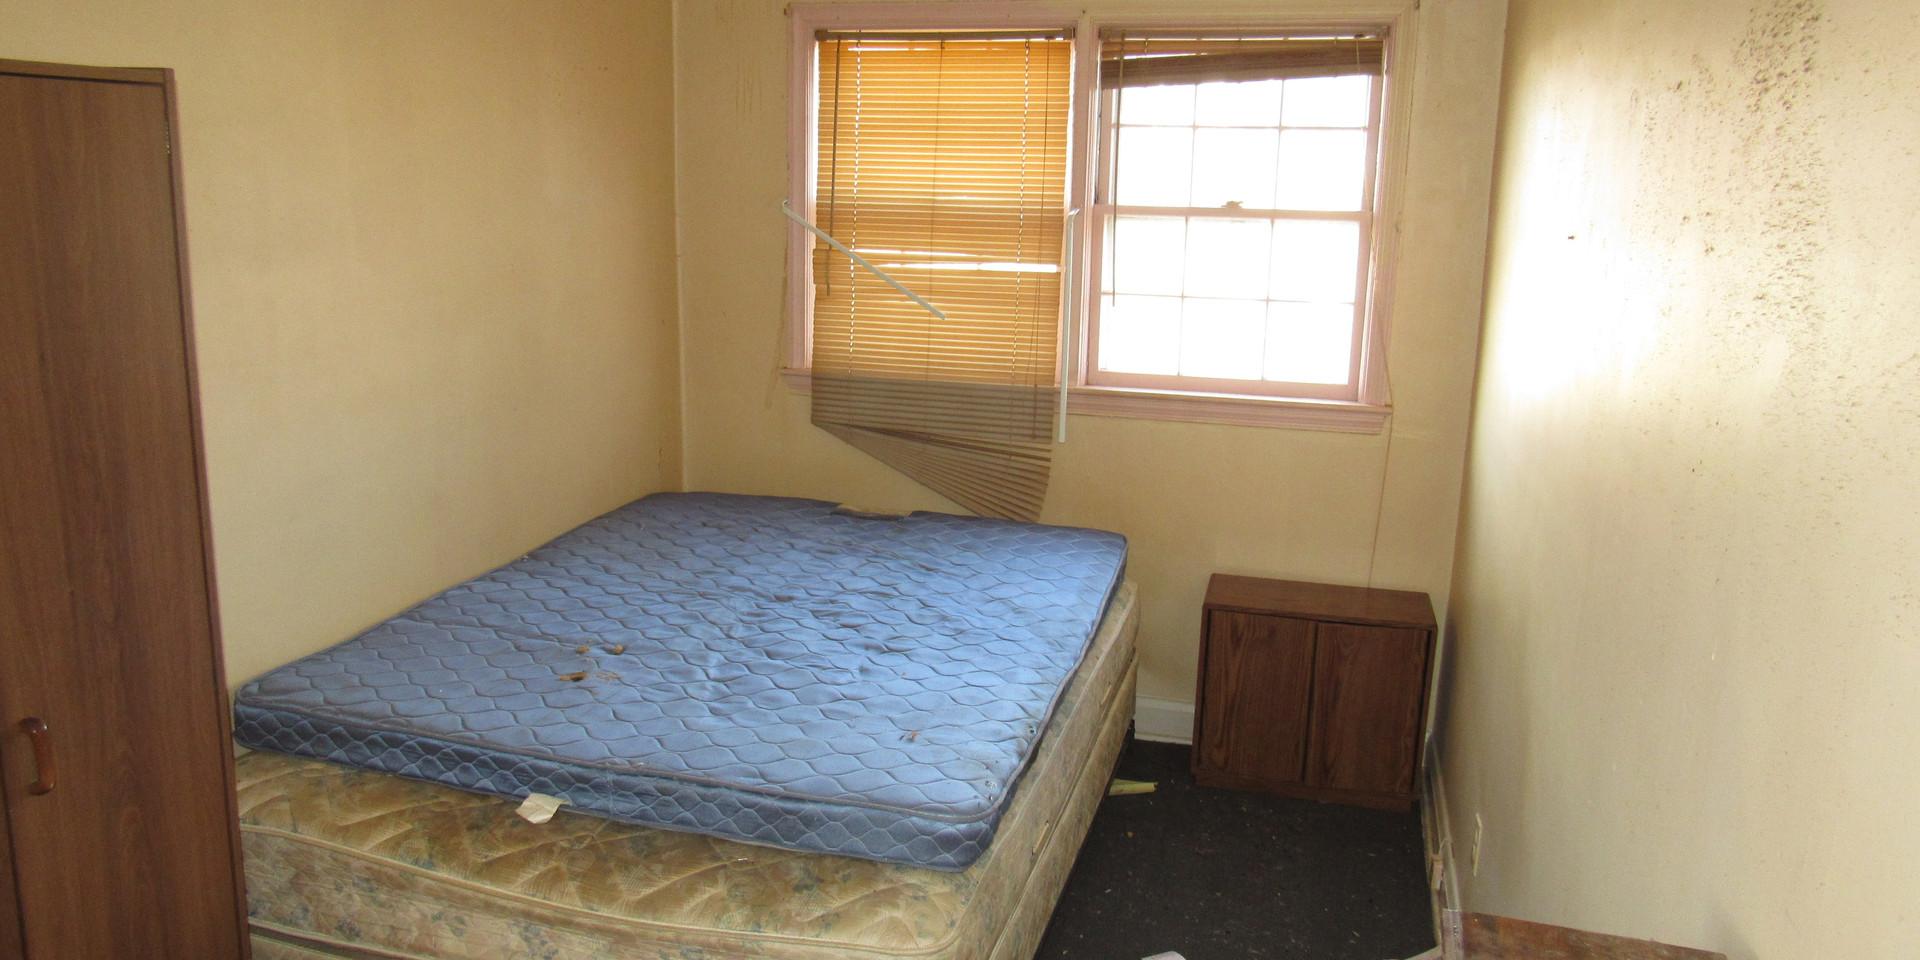 290 Bedroom Two.JPG